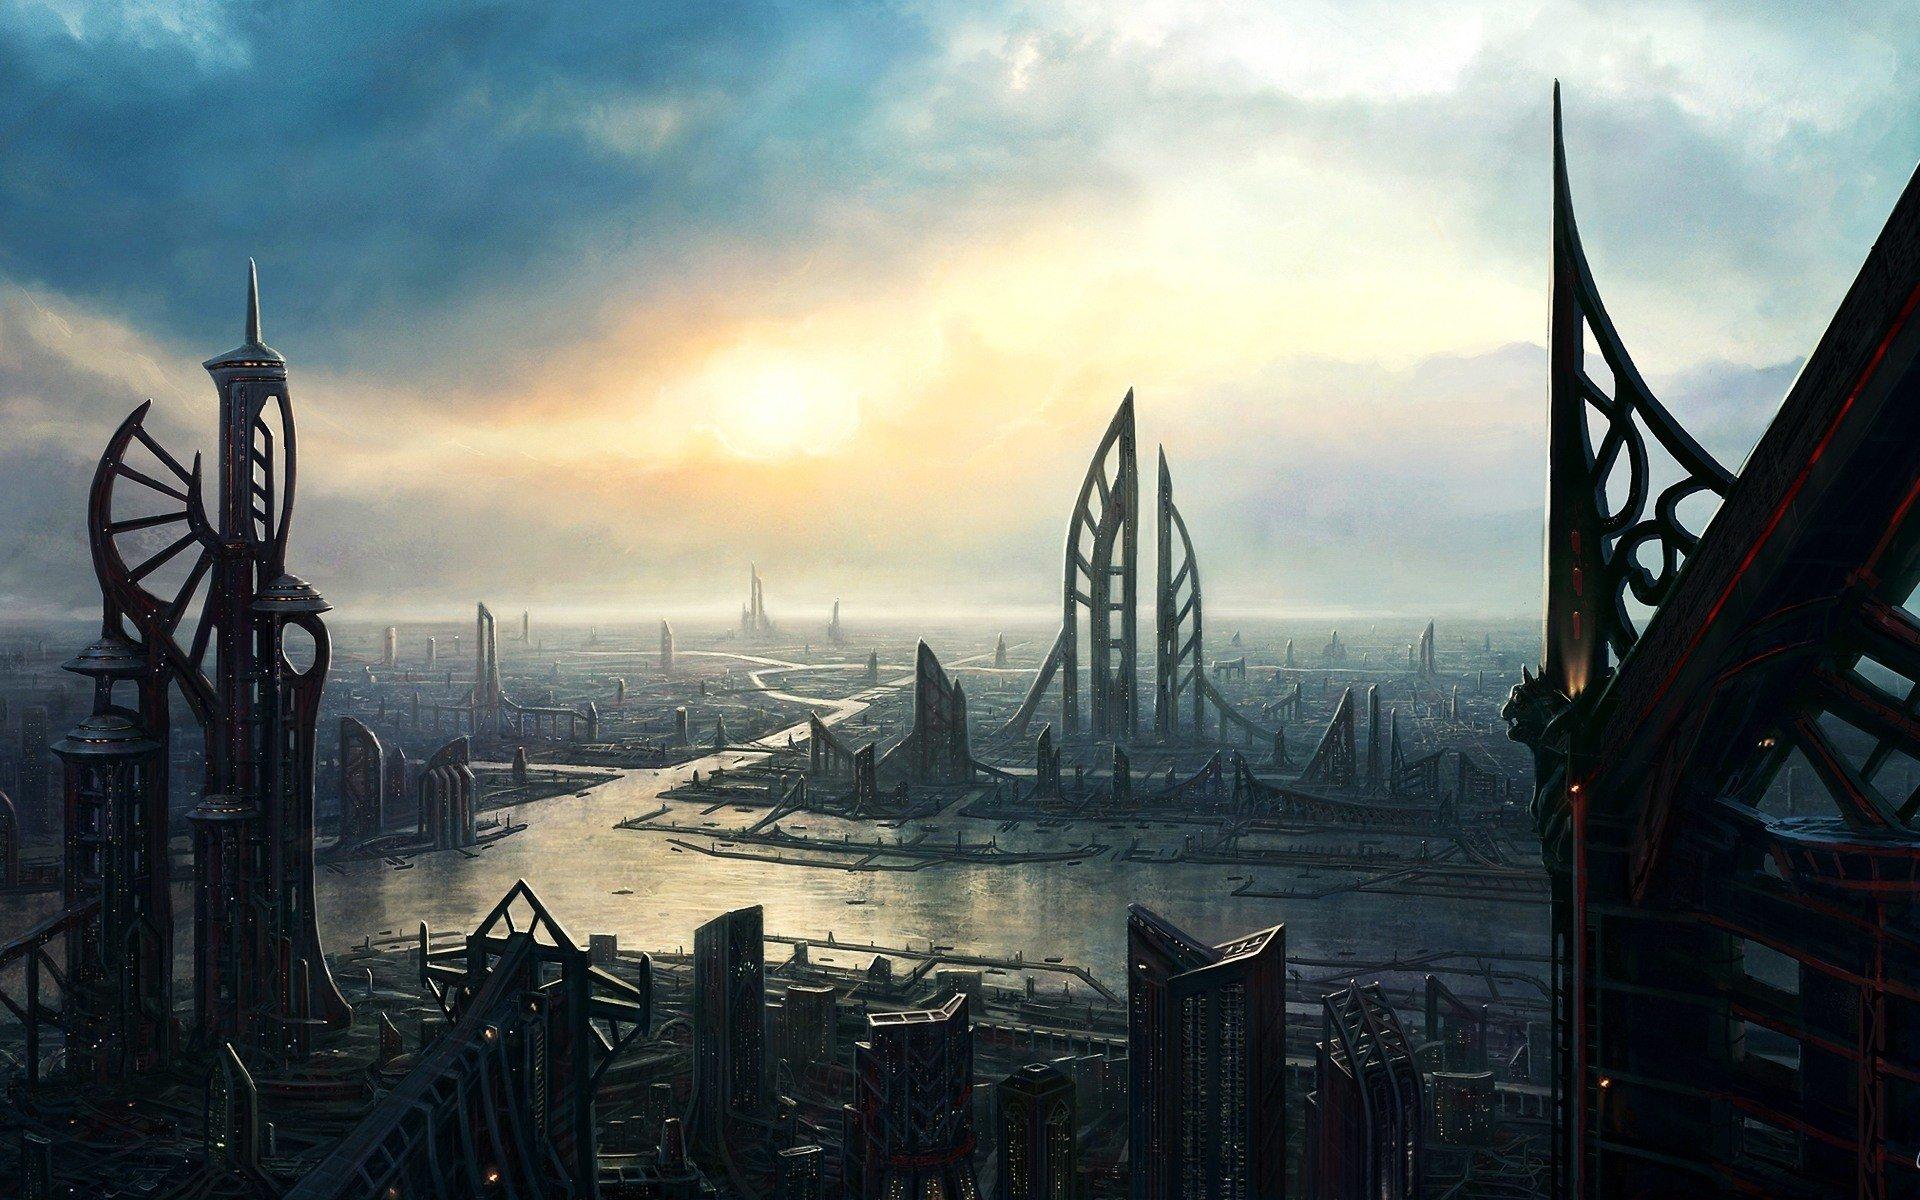 Science Fiction Aliens Alien World Hd Wallpapers Desktop And